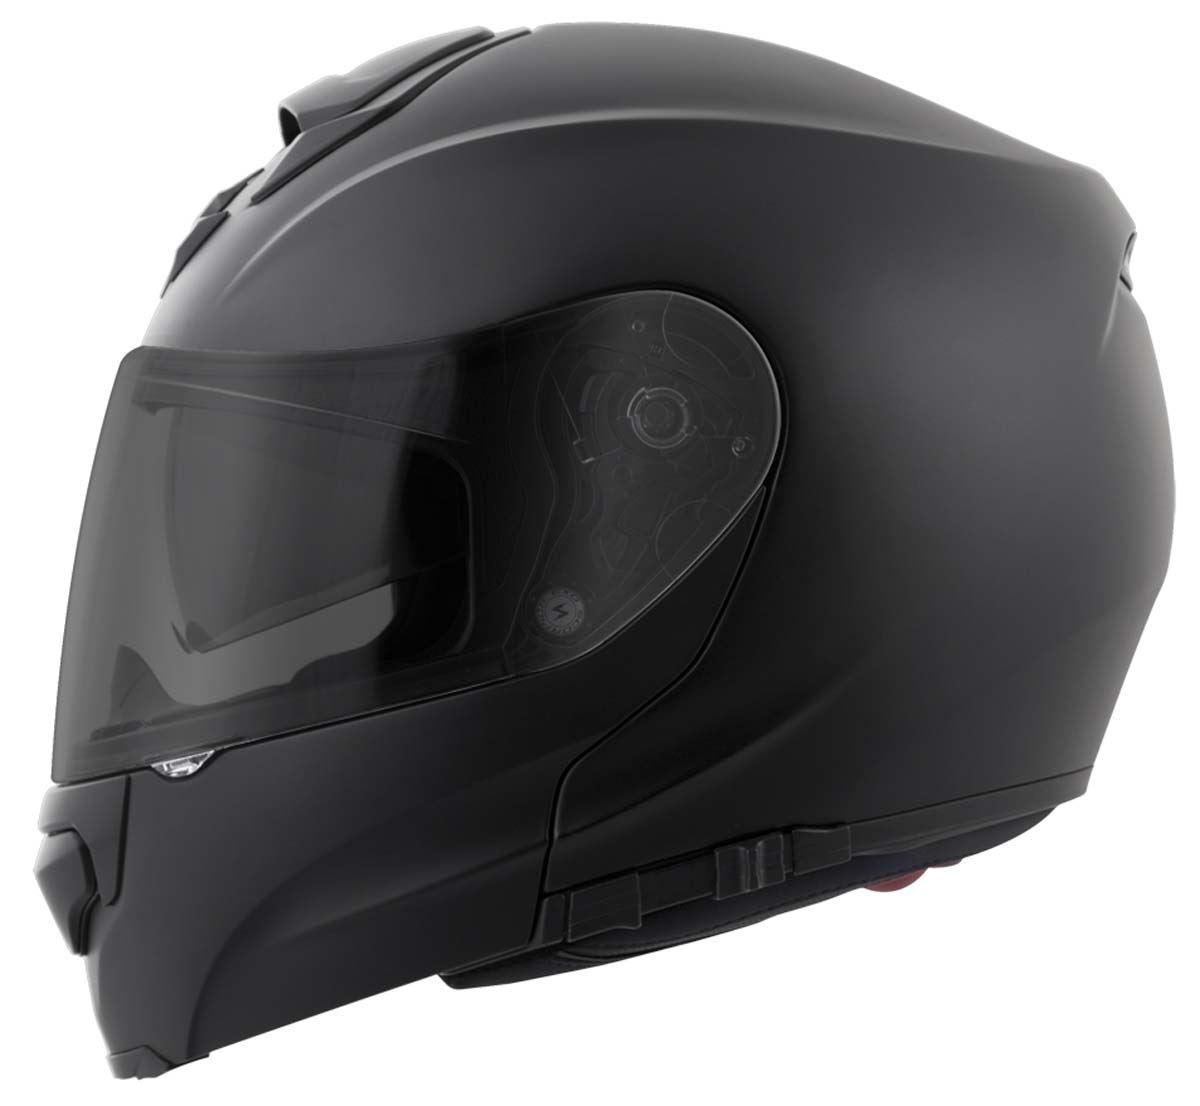 Scorpion-EXO-GT3000-Helmet-Modular-Flip-Up-Premium-DOT-Approved-XS-2XL miniature 5